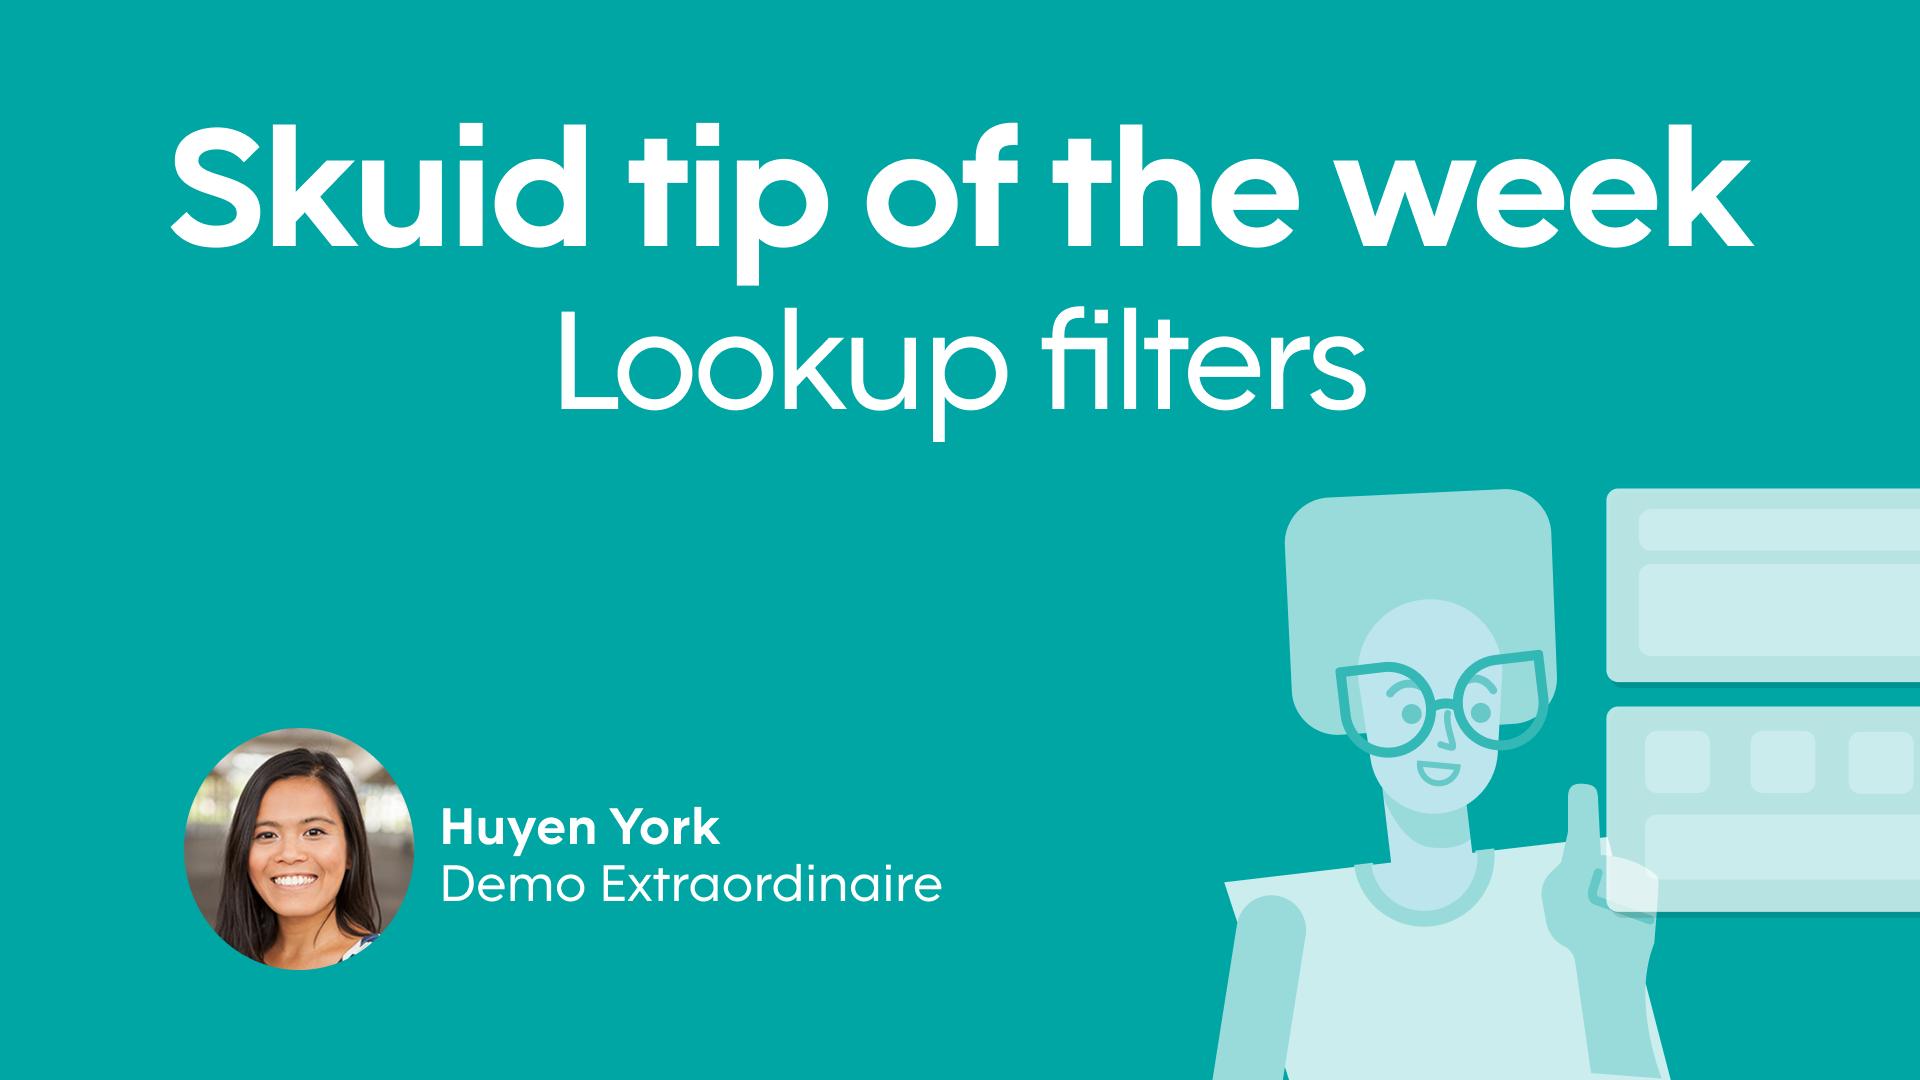 Lookup filters | Skuid tip of the week